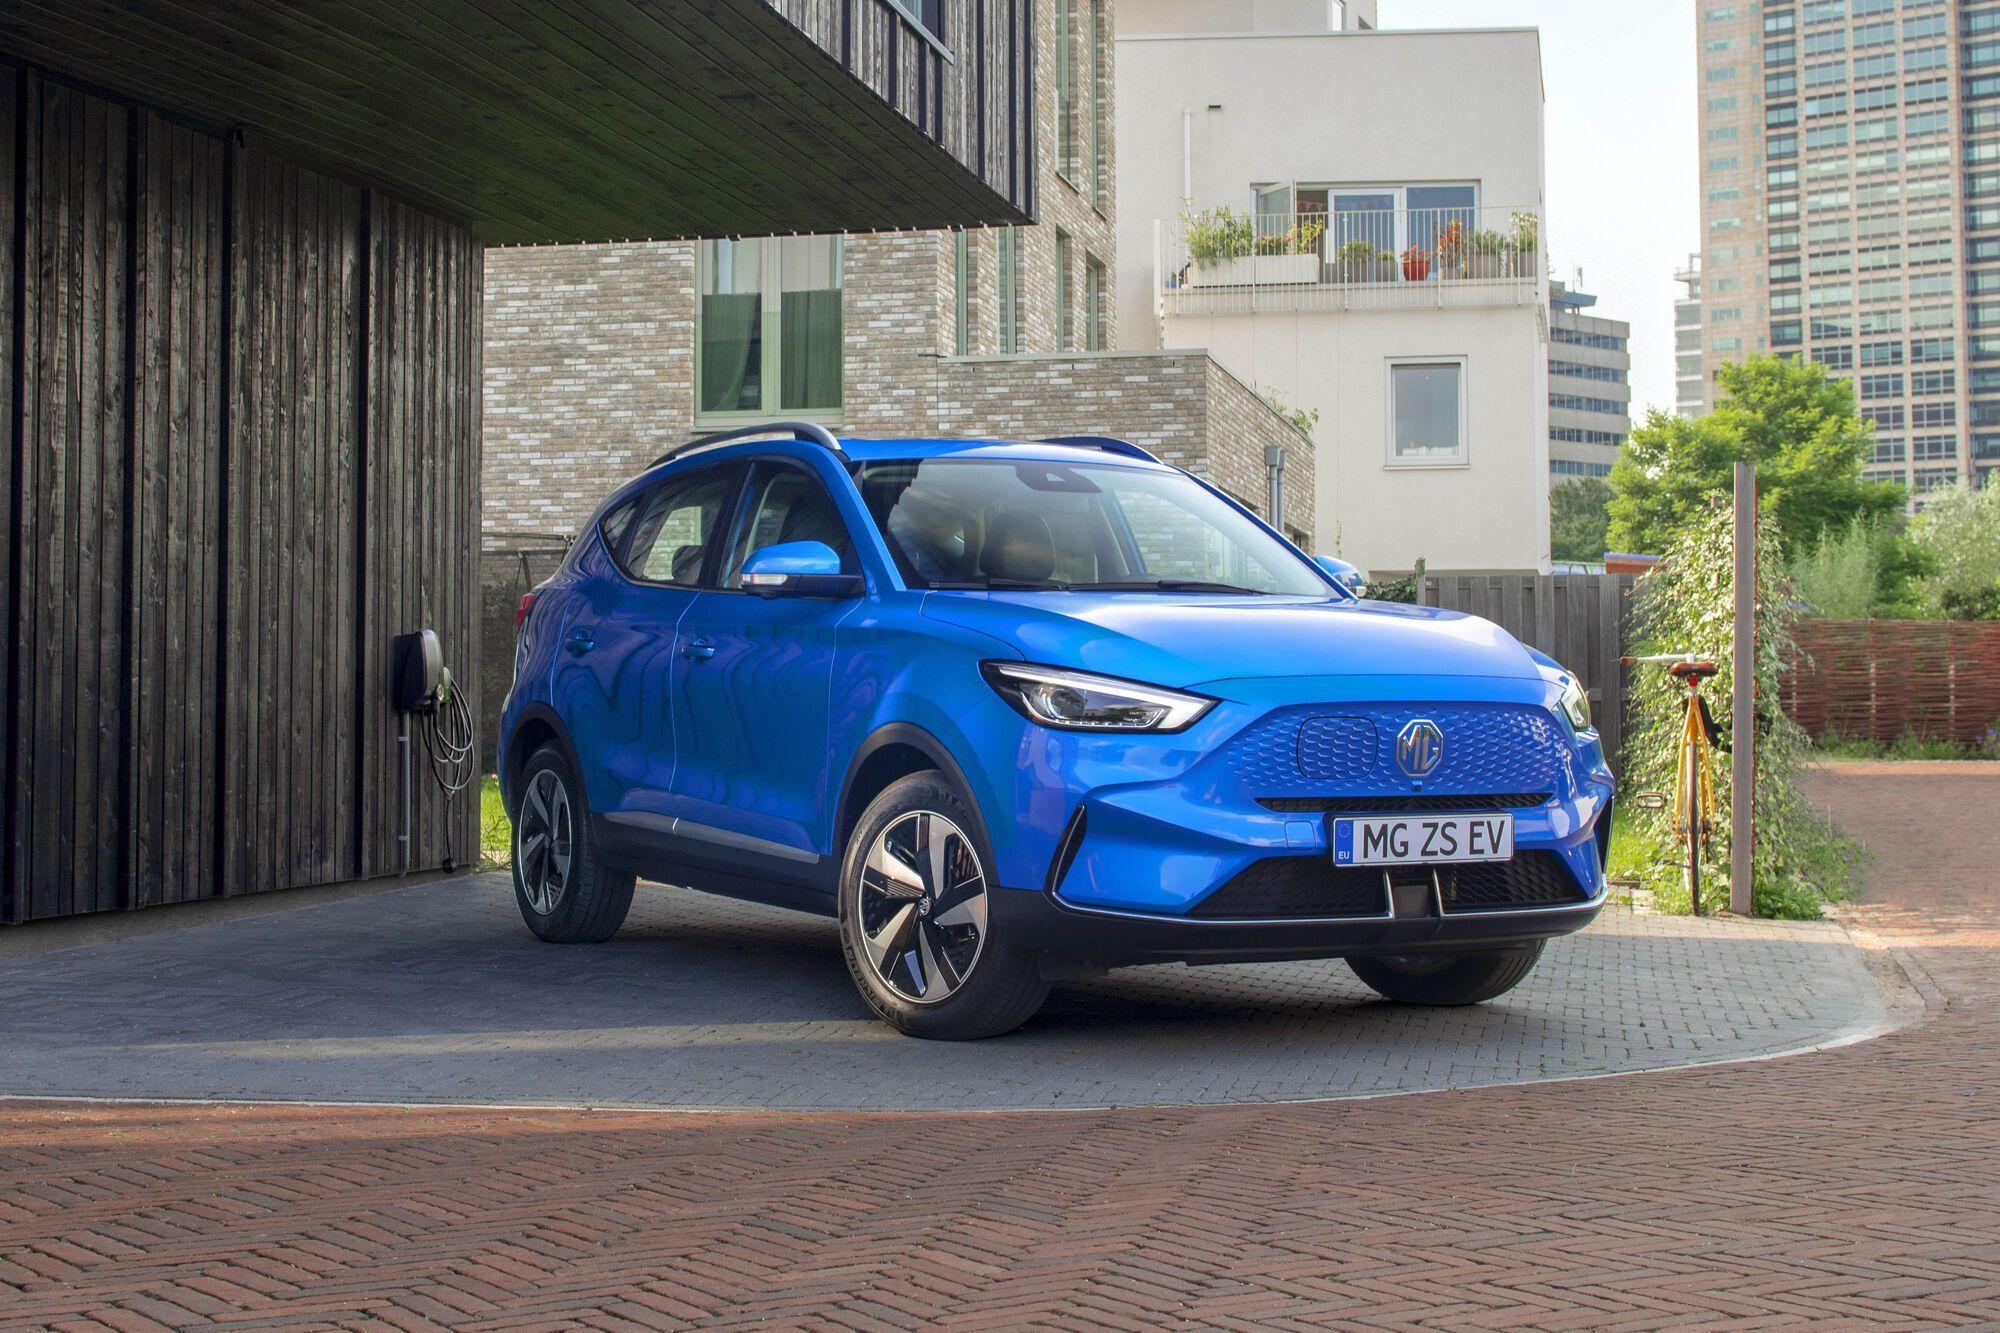 ZS EV является самым продаваемым электромобилем марки MG и входит в десятку самых продаваемых электрокаров в Великобритании